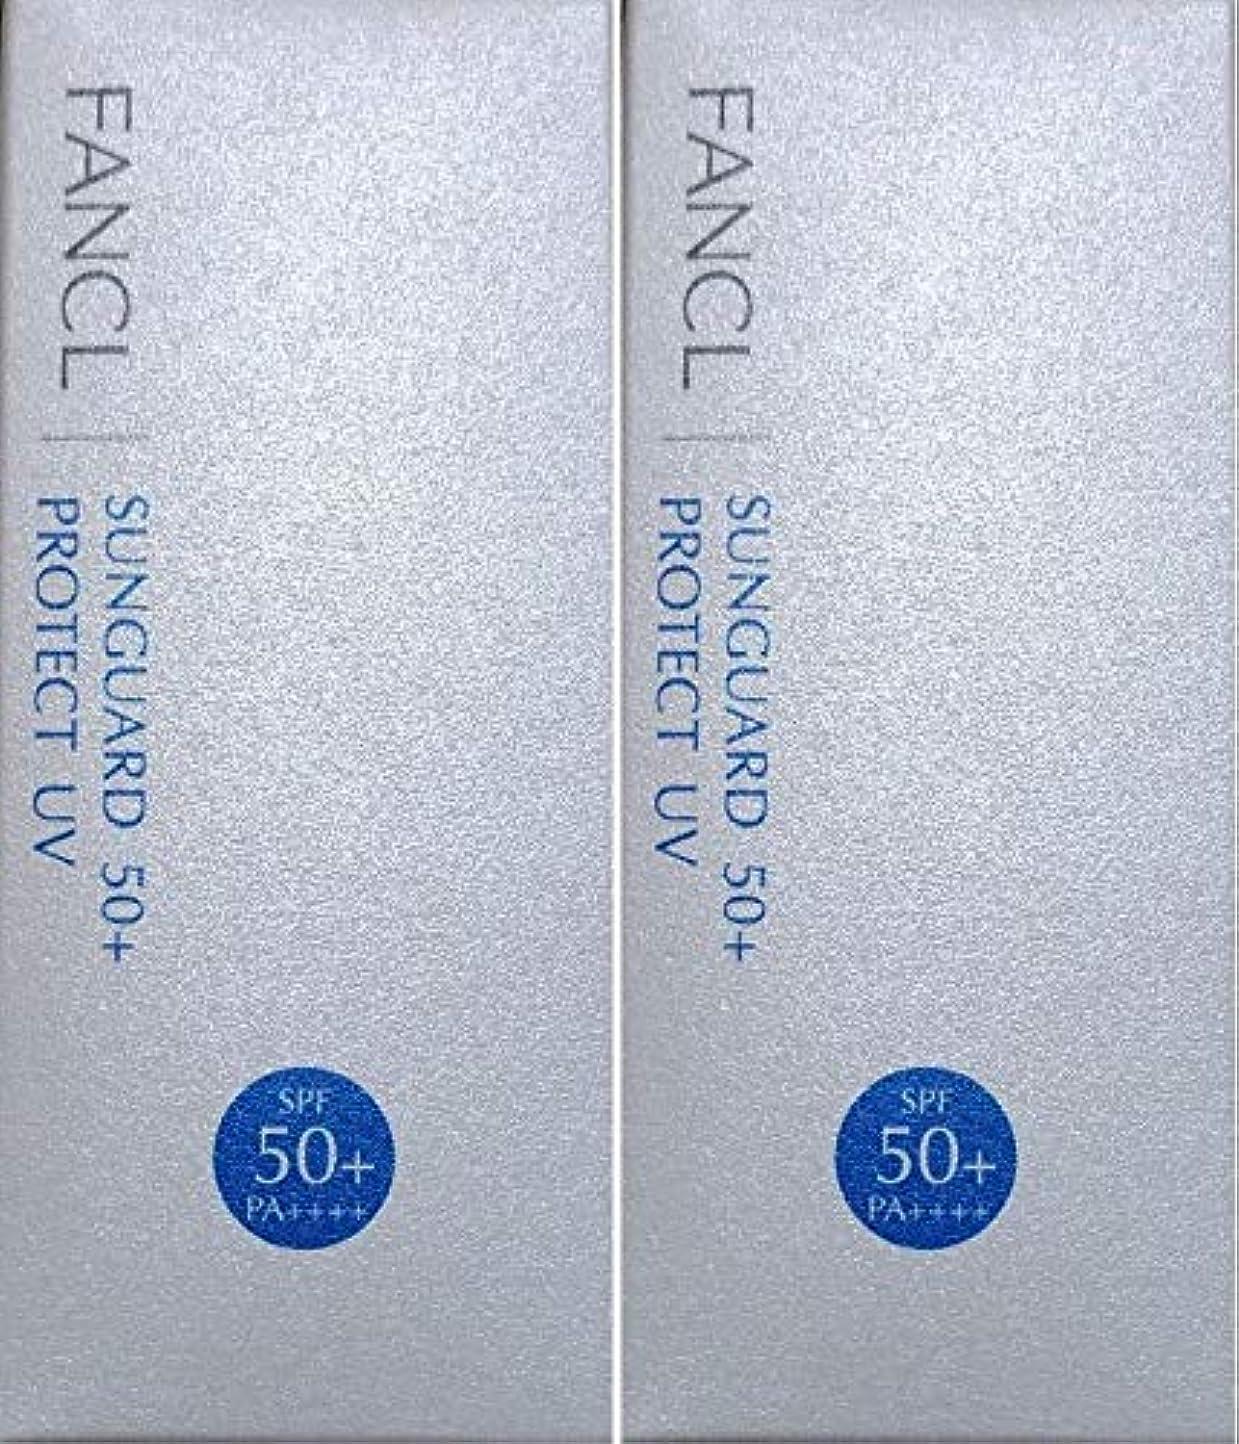 爆発違法マニュアルファンケル(FANCL) サンガード50+ プロテクトUV (SPF50+?PA++++)60mL ×2箱セット